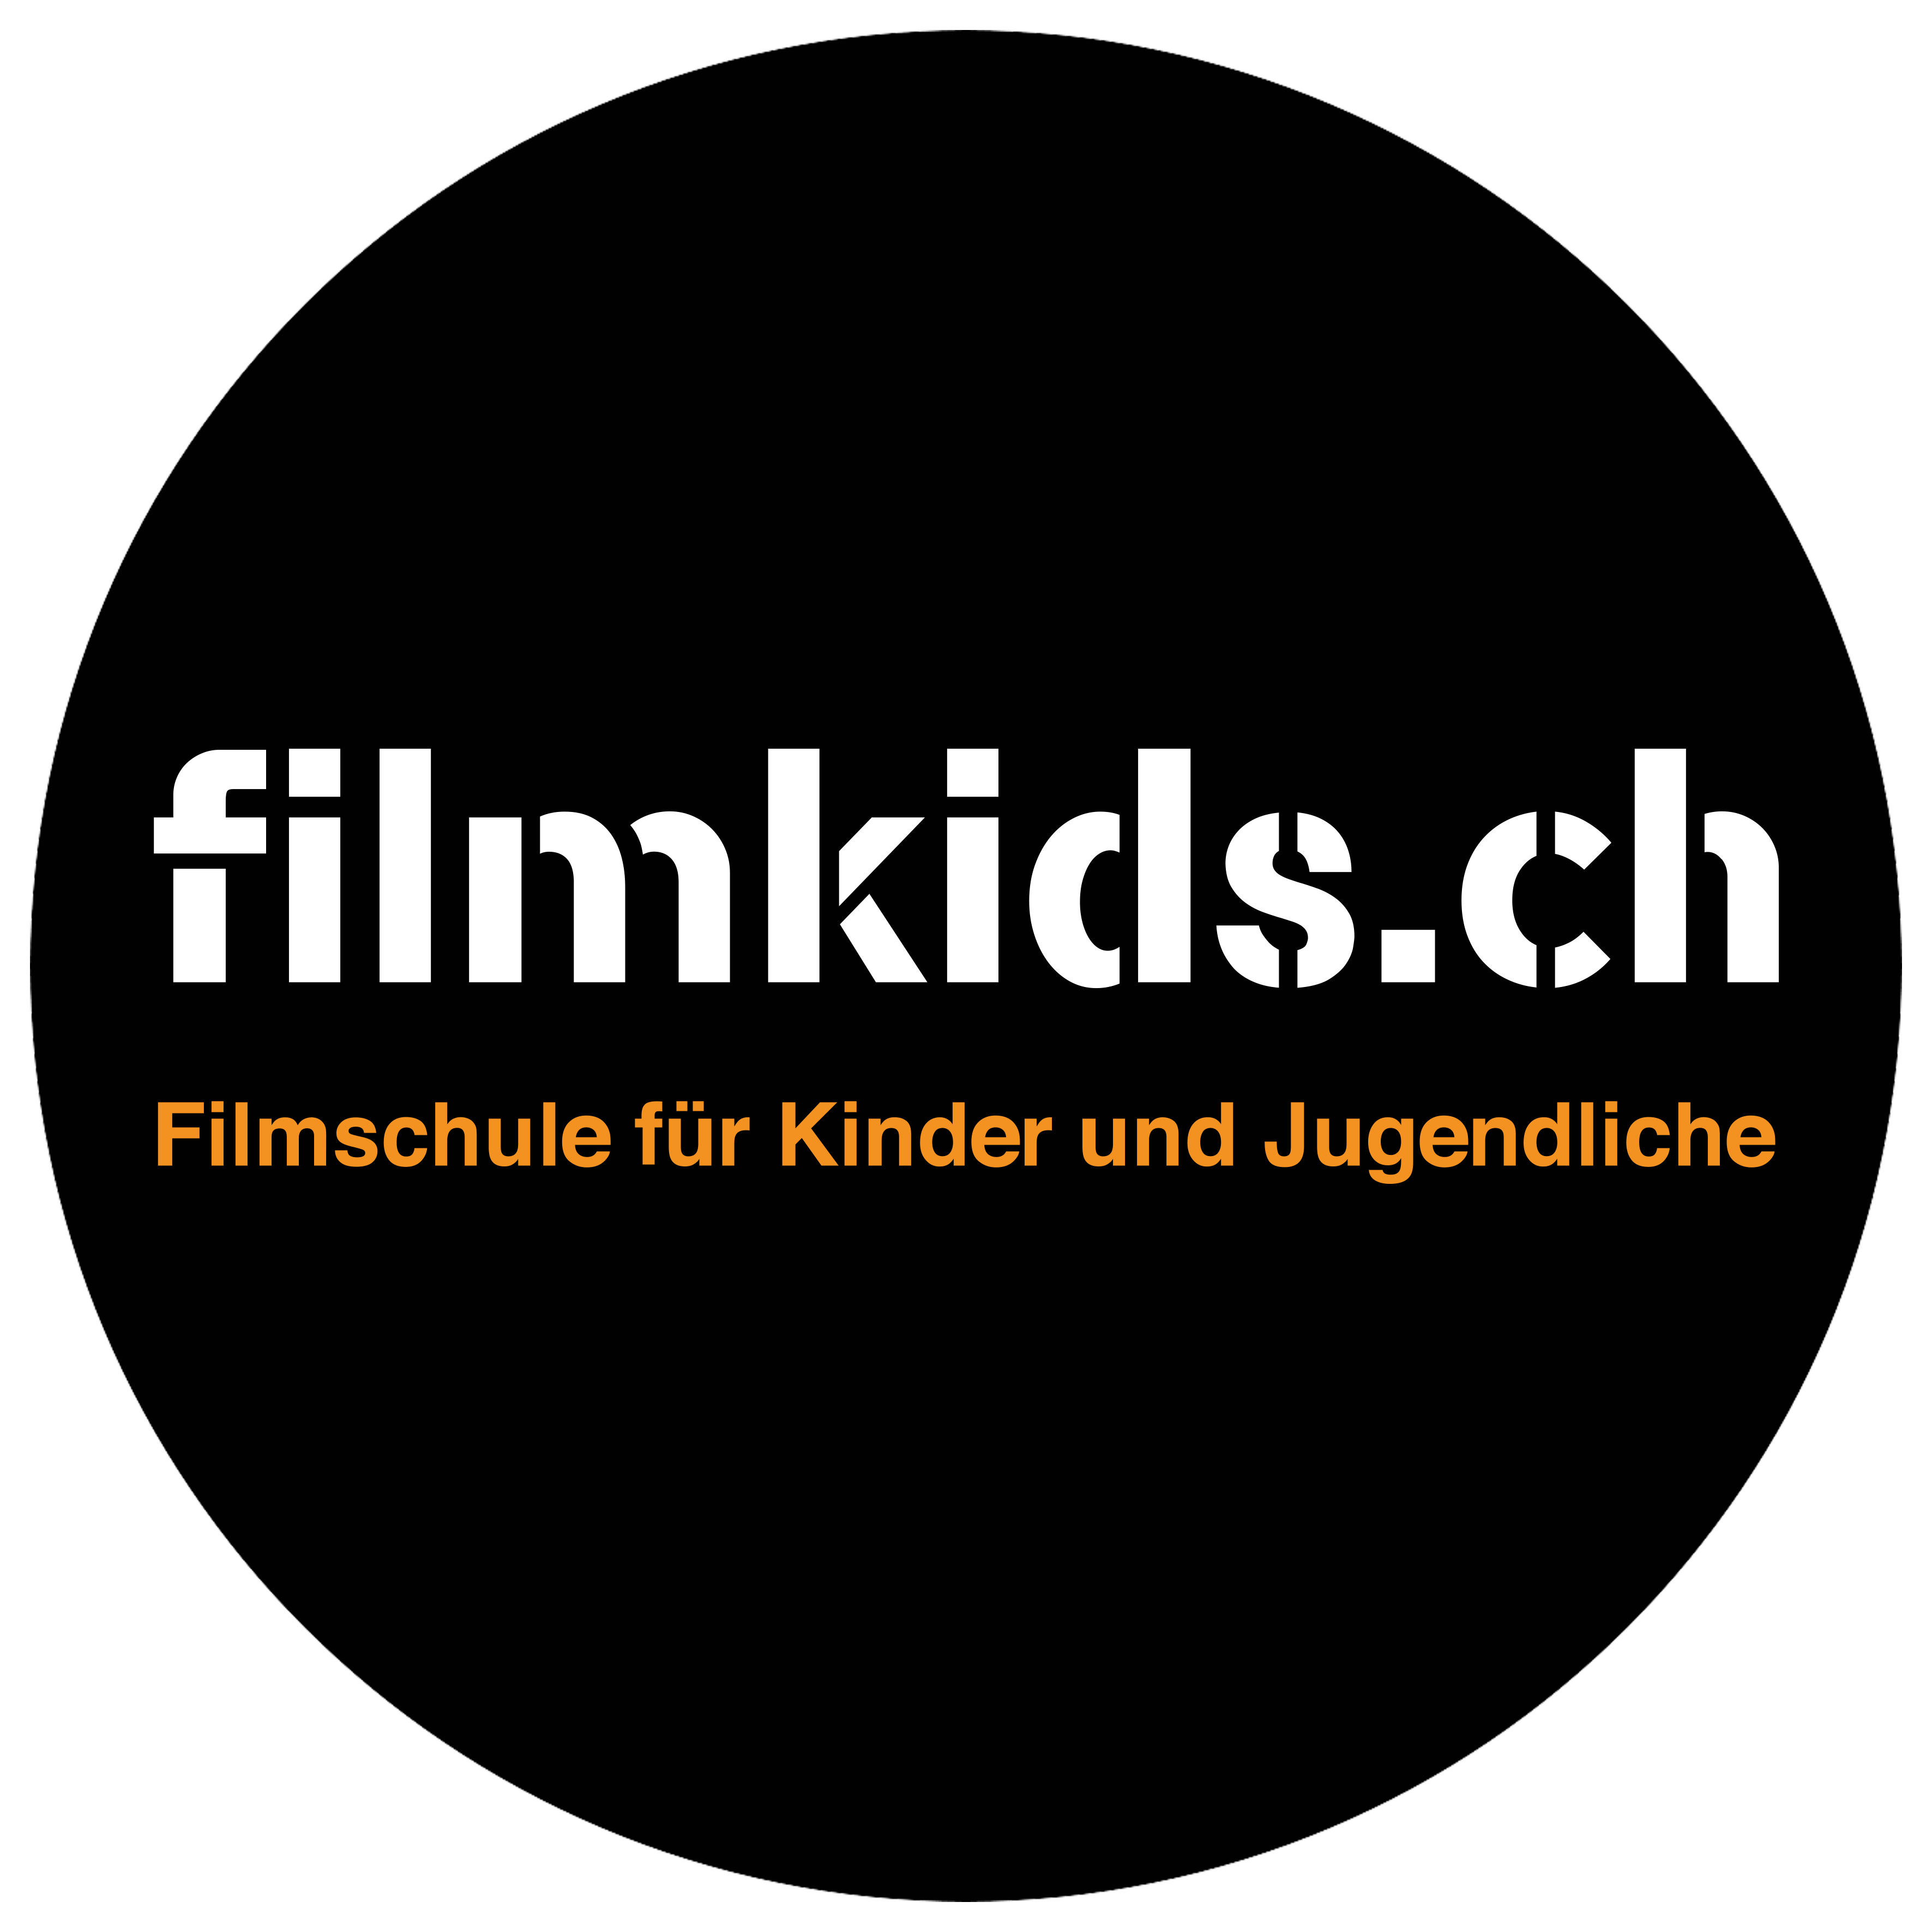 Filmkids